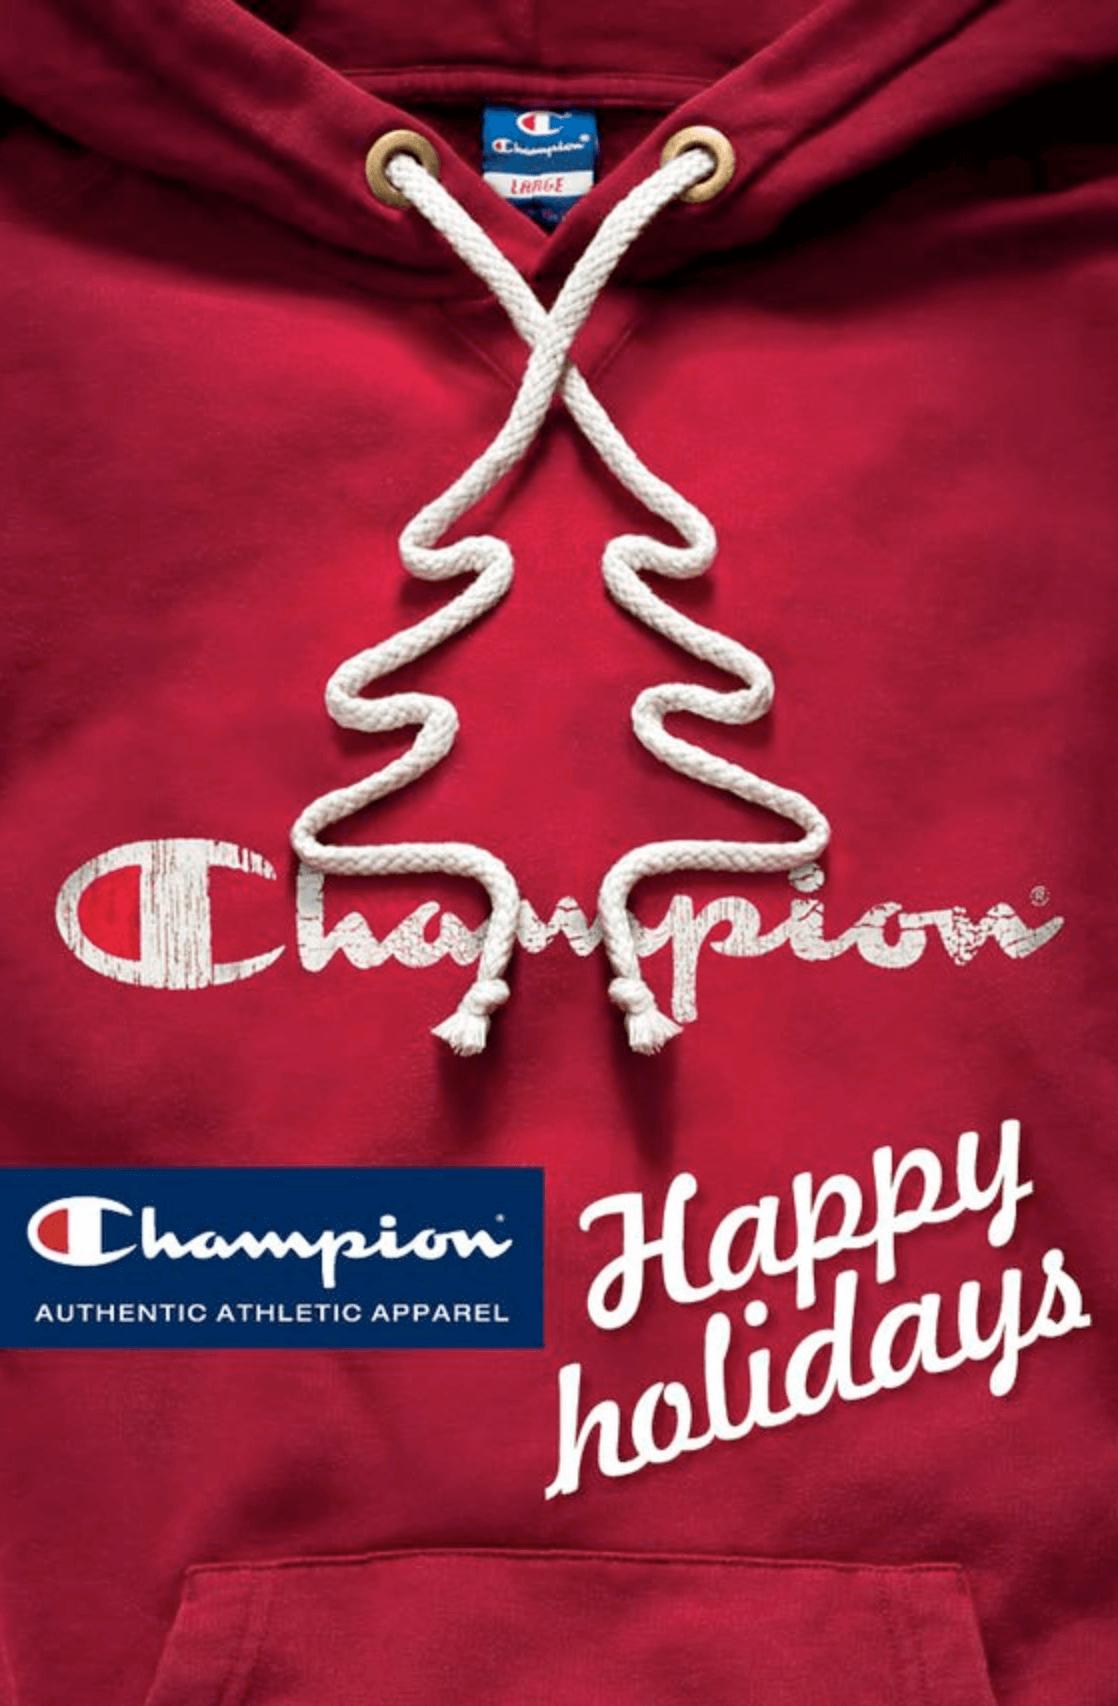 Champion campaña navideña